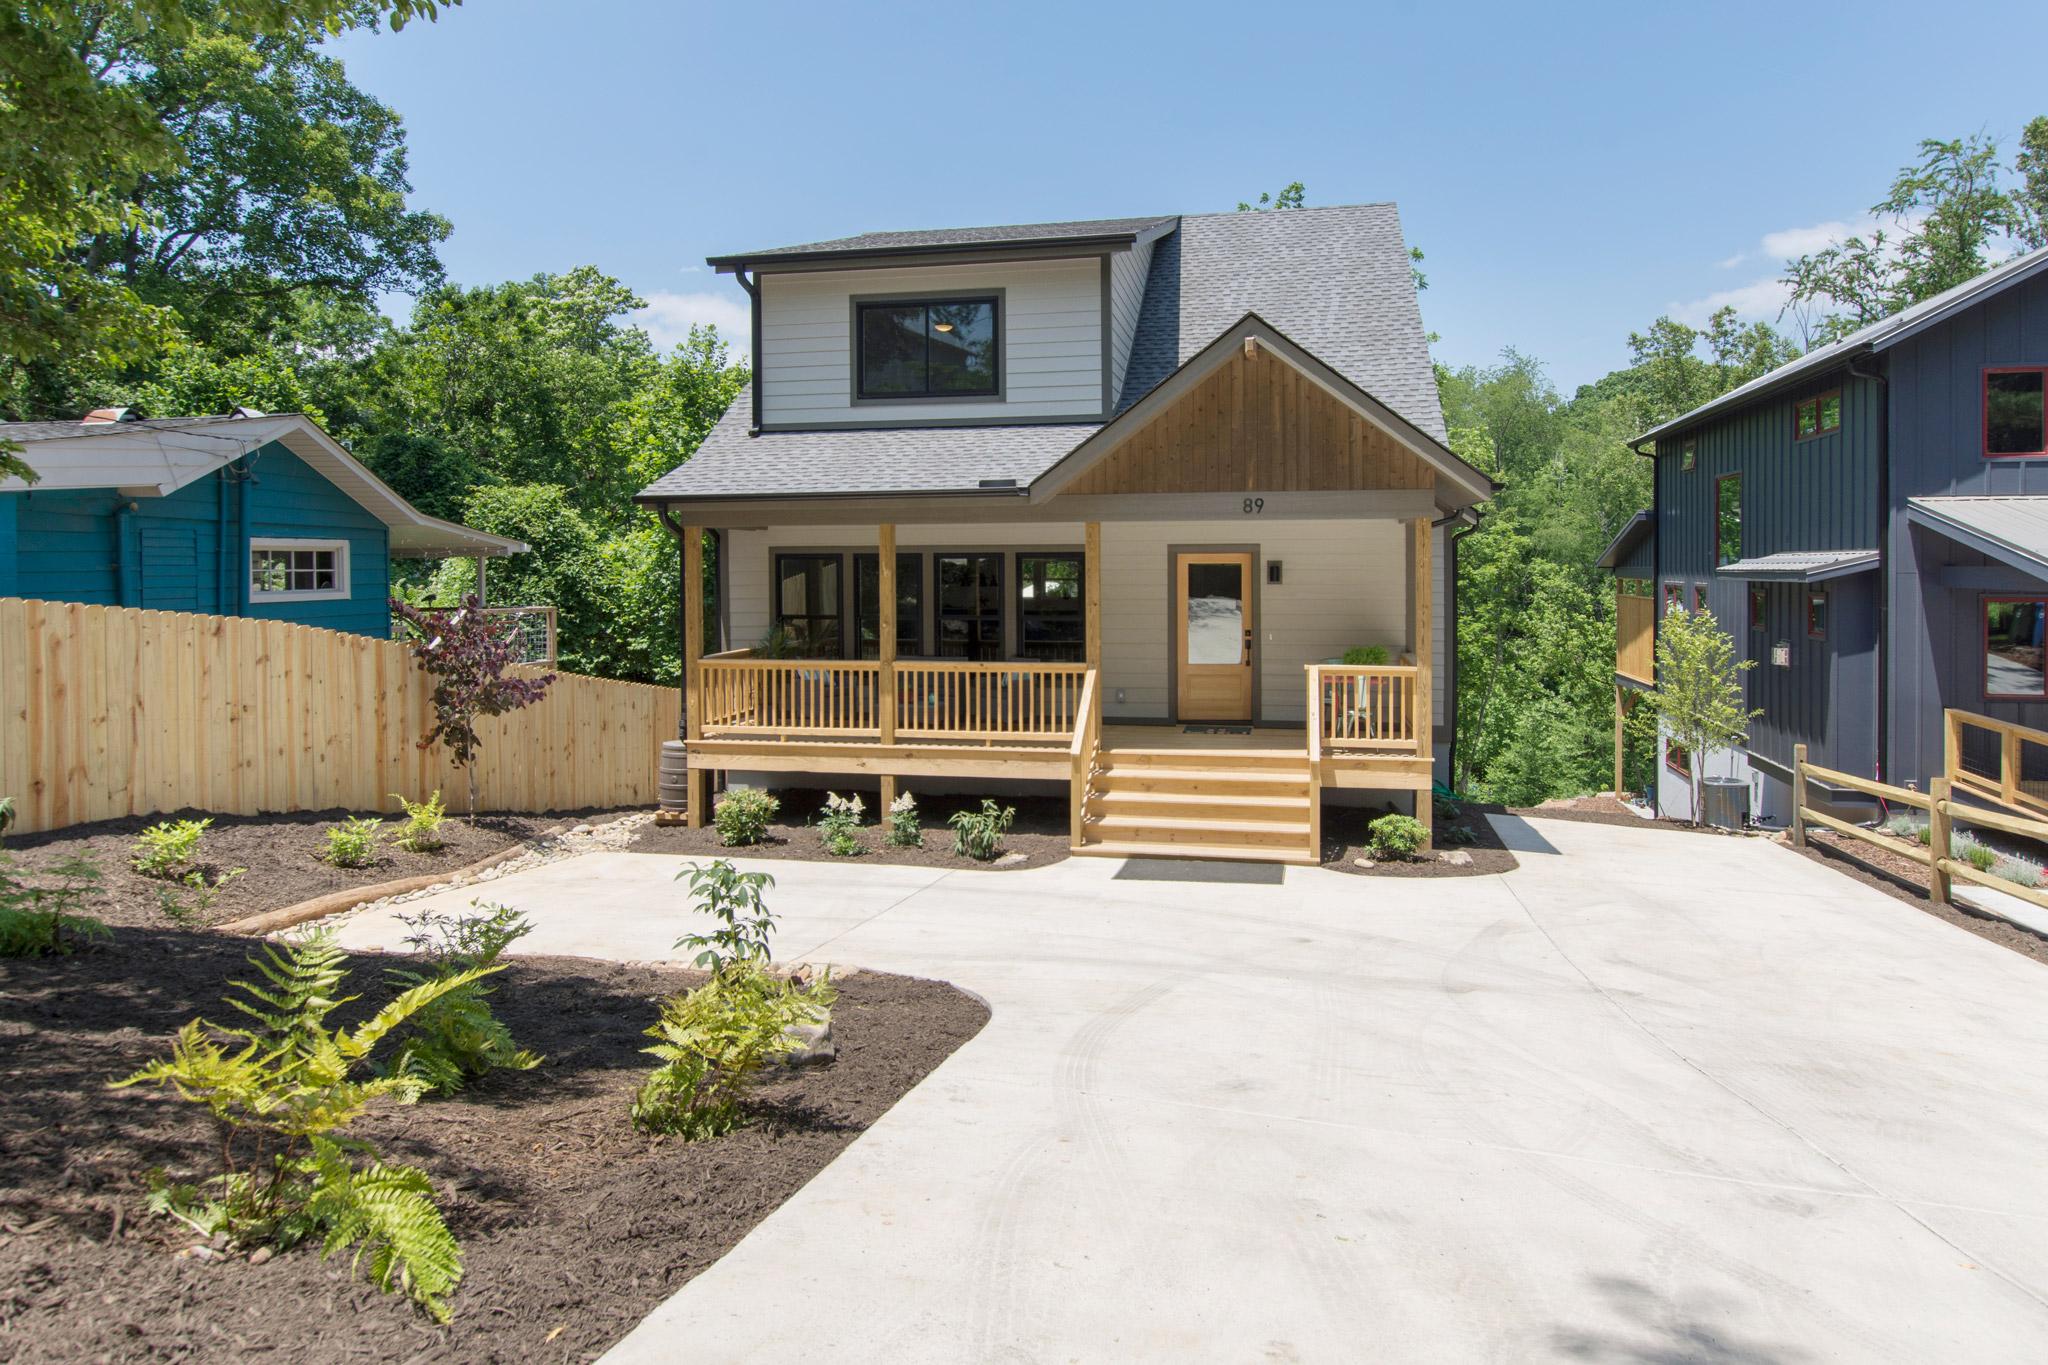 01_Fresh_West_Asheville_green-built_home[1].jpg